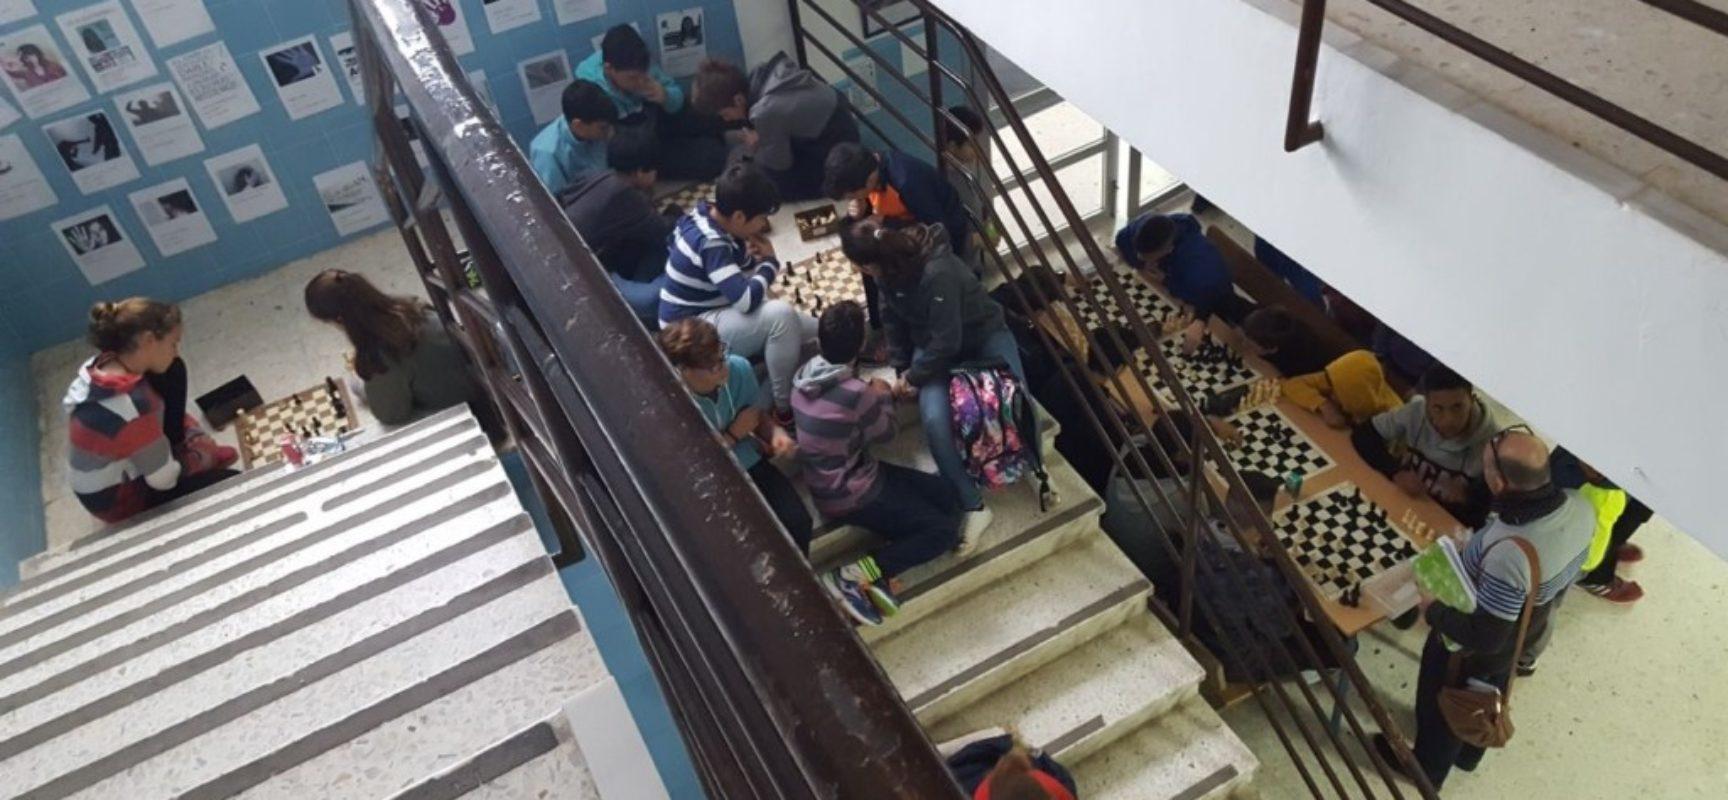 aulaDjaque continúa su revolución pedagógica en las escuelas andaluzas